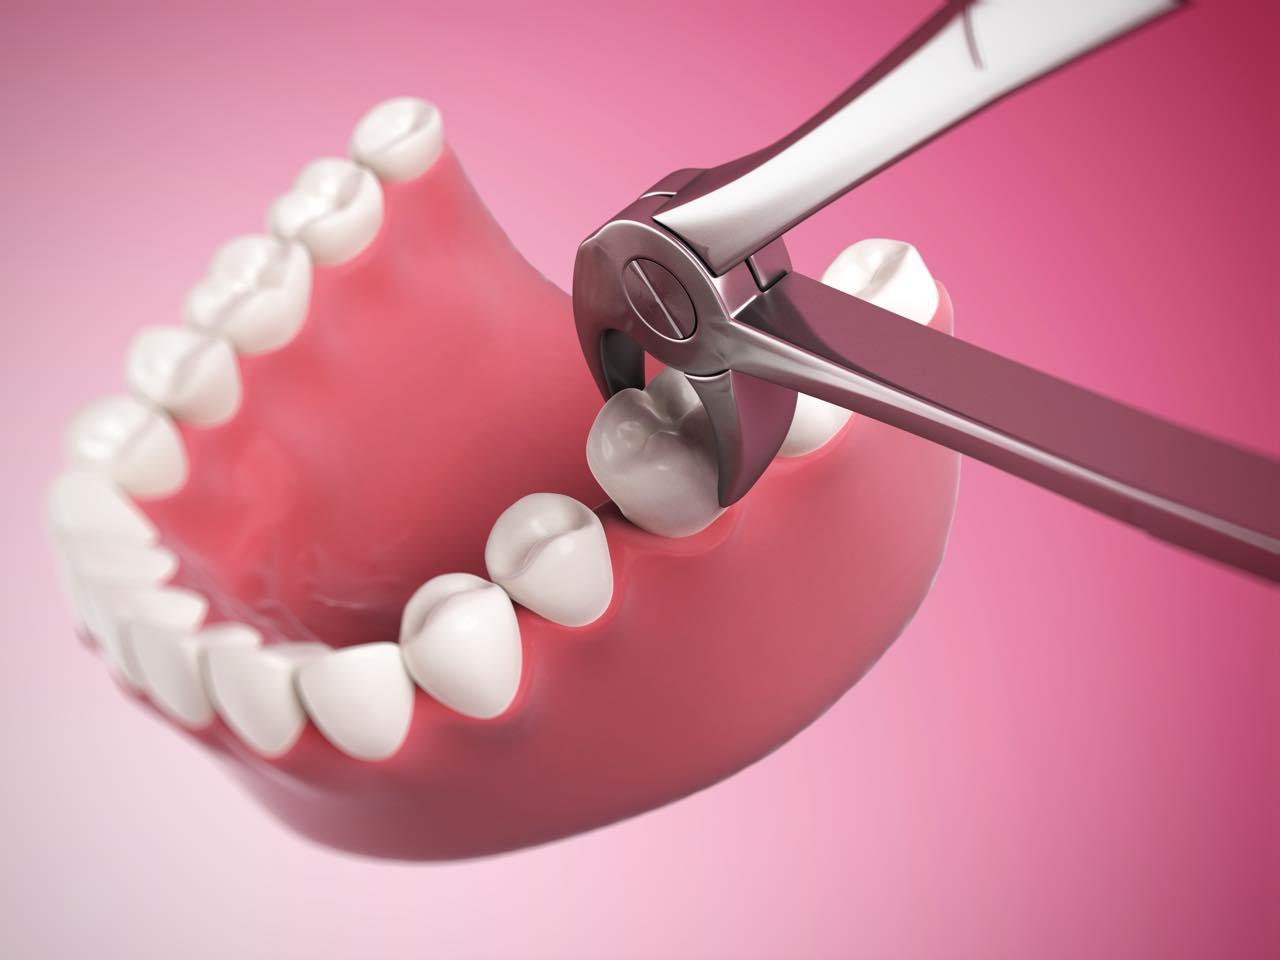 セラミック治療で抜歯することはあるの?